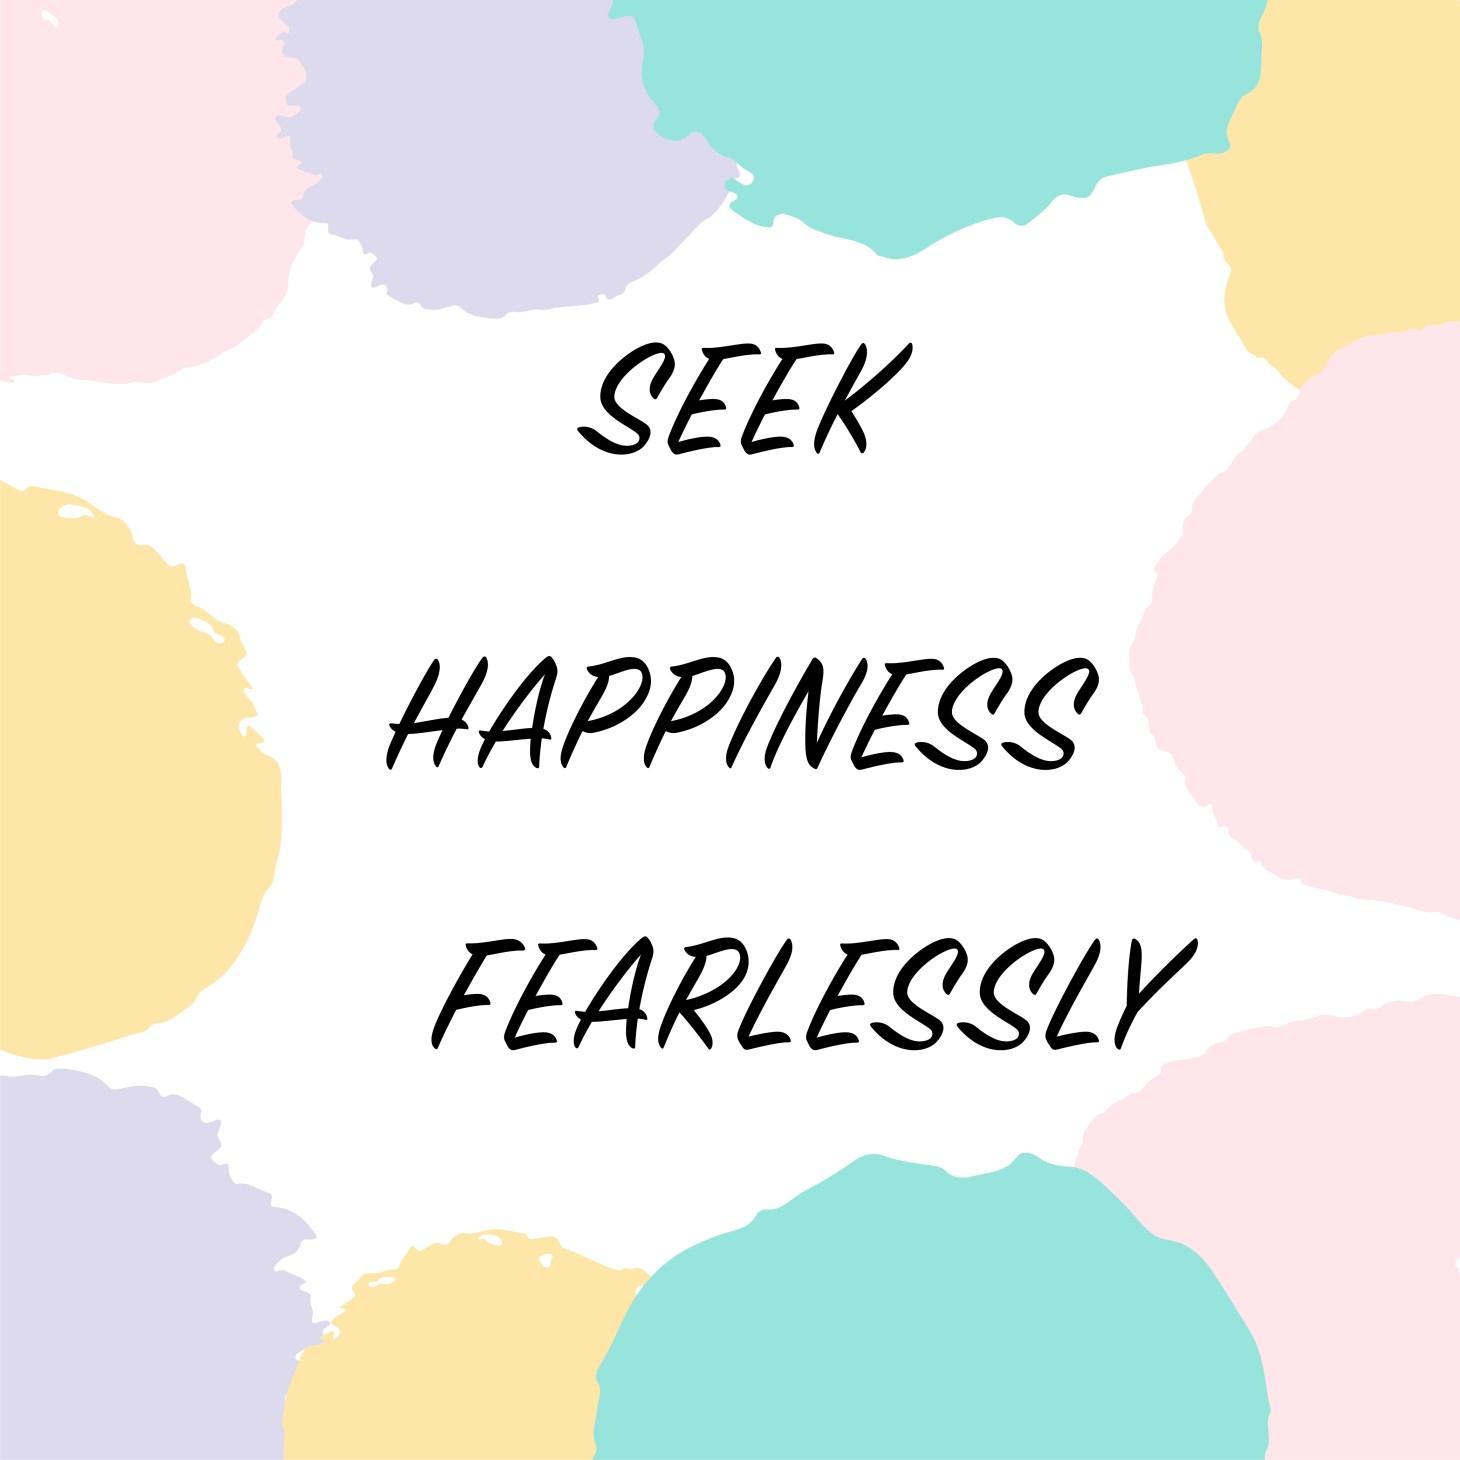 seek_happiness_fearlessly